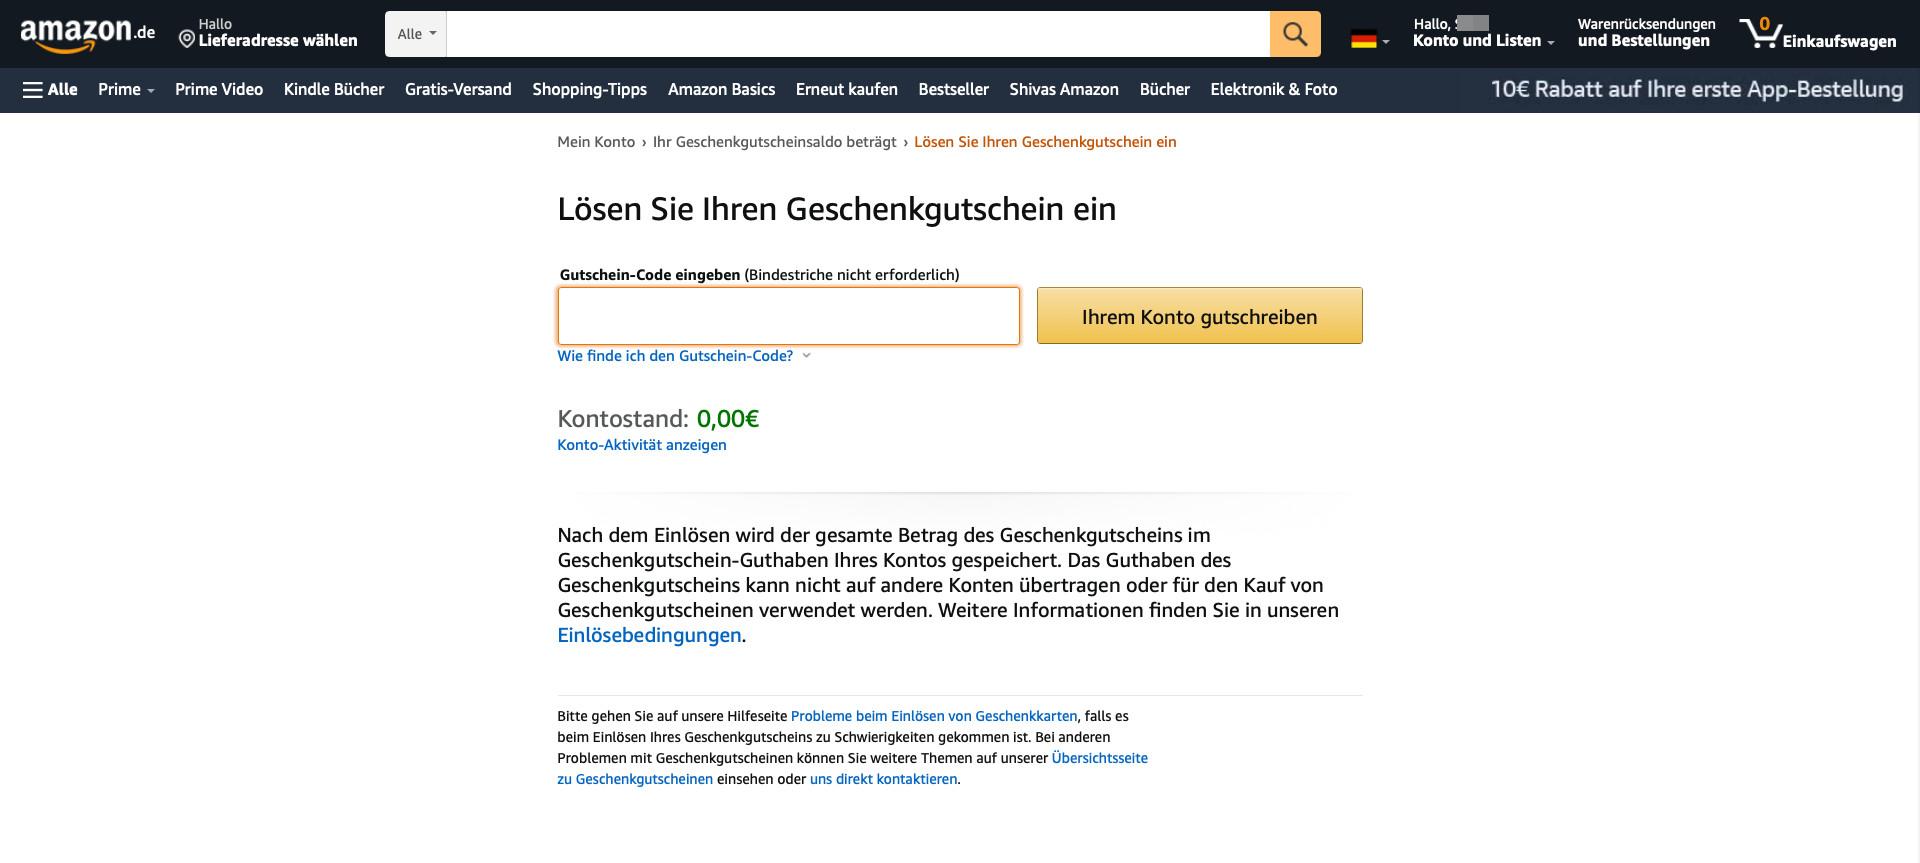 Amazon Gutscheine einlösen - so geht's